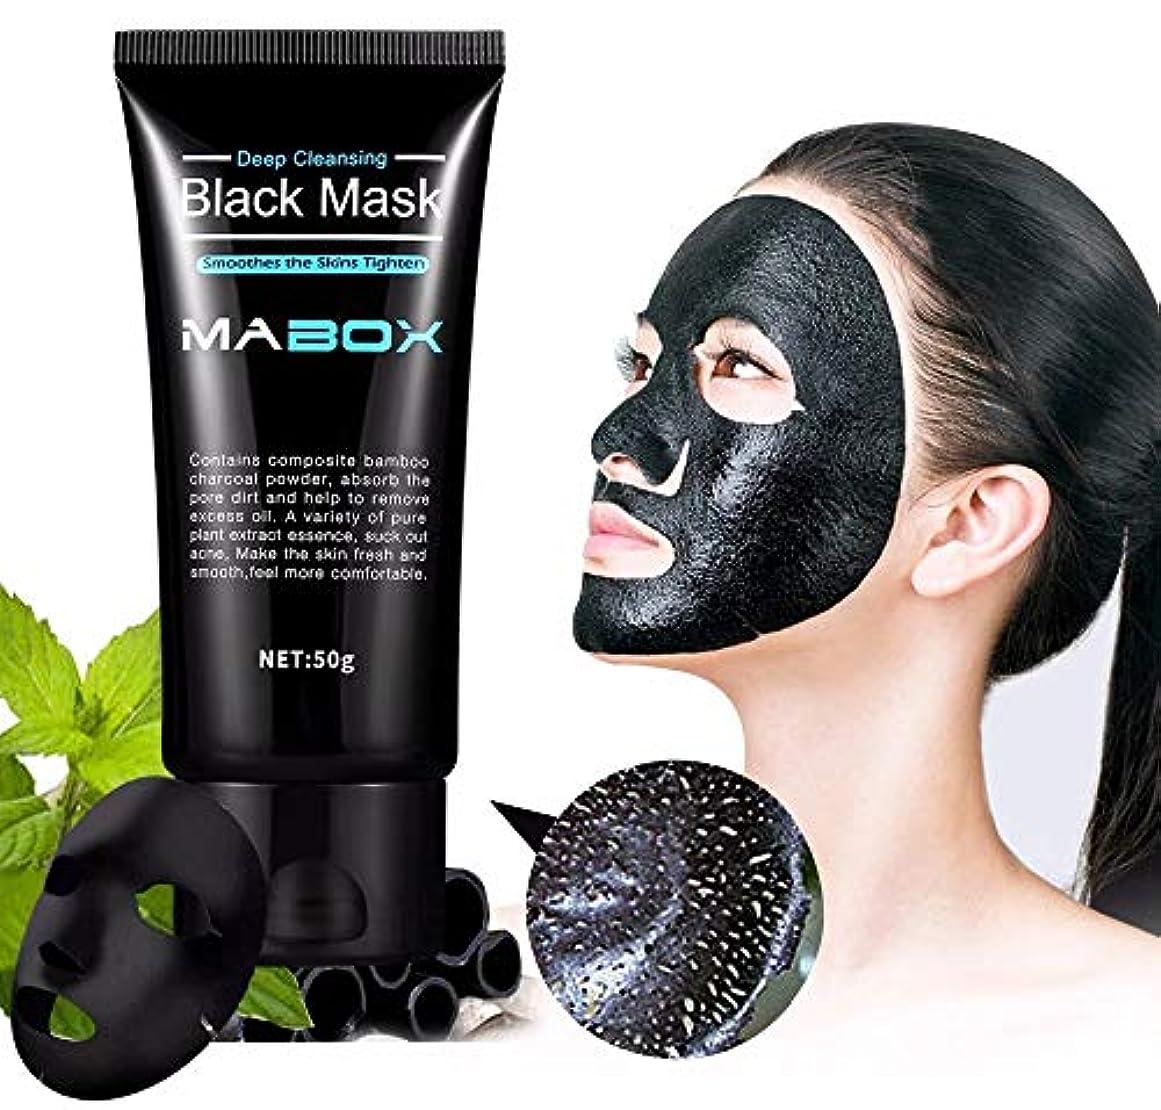 骨折かけるくぼみMabox Black Mask Peel Off Bamboo Charcoal Purifying Blackhead Remover Mask Deep Cleansing for AcneScars Blemishes...